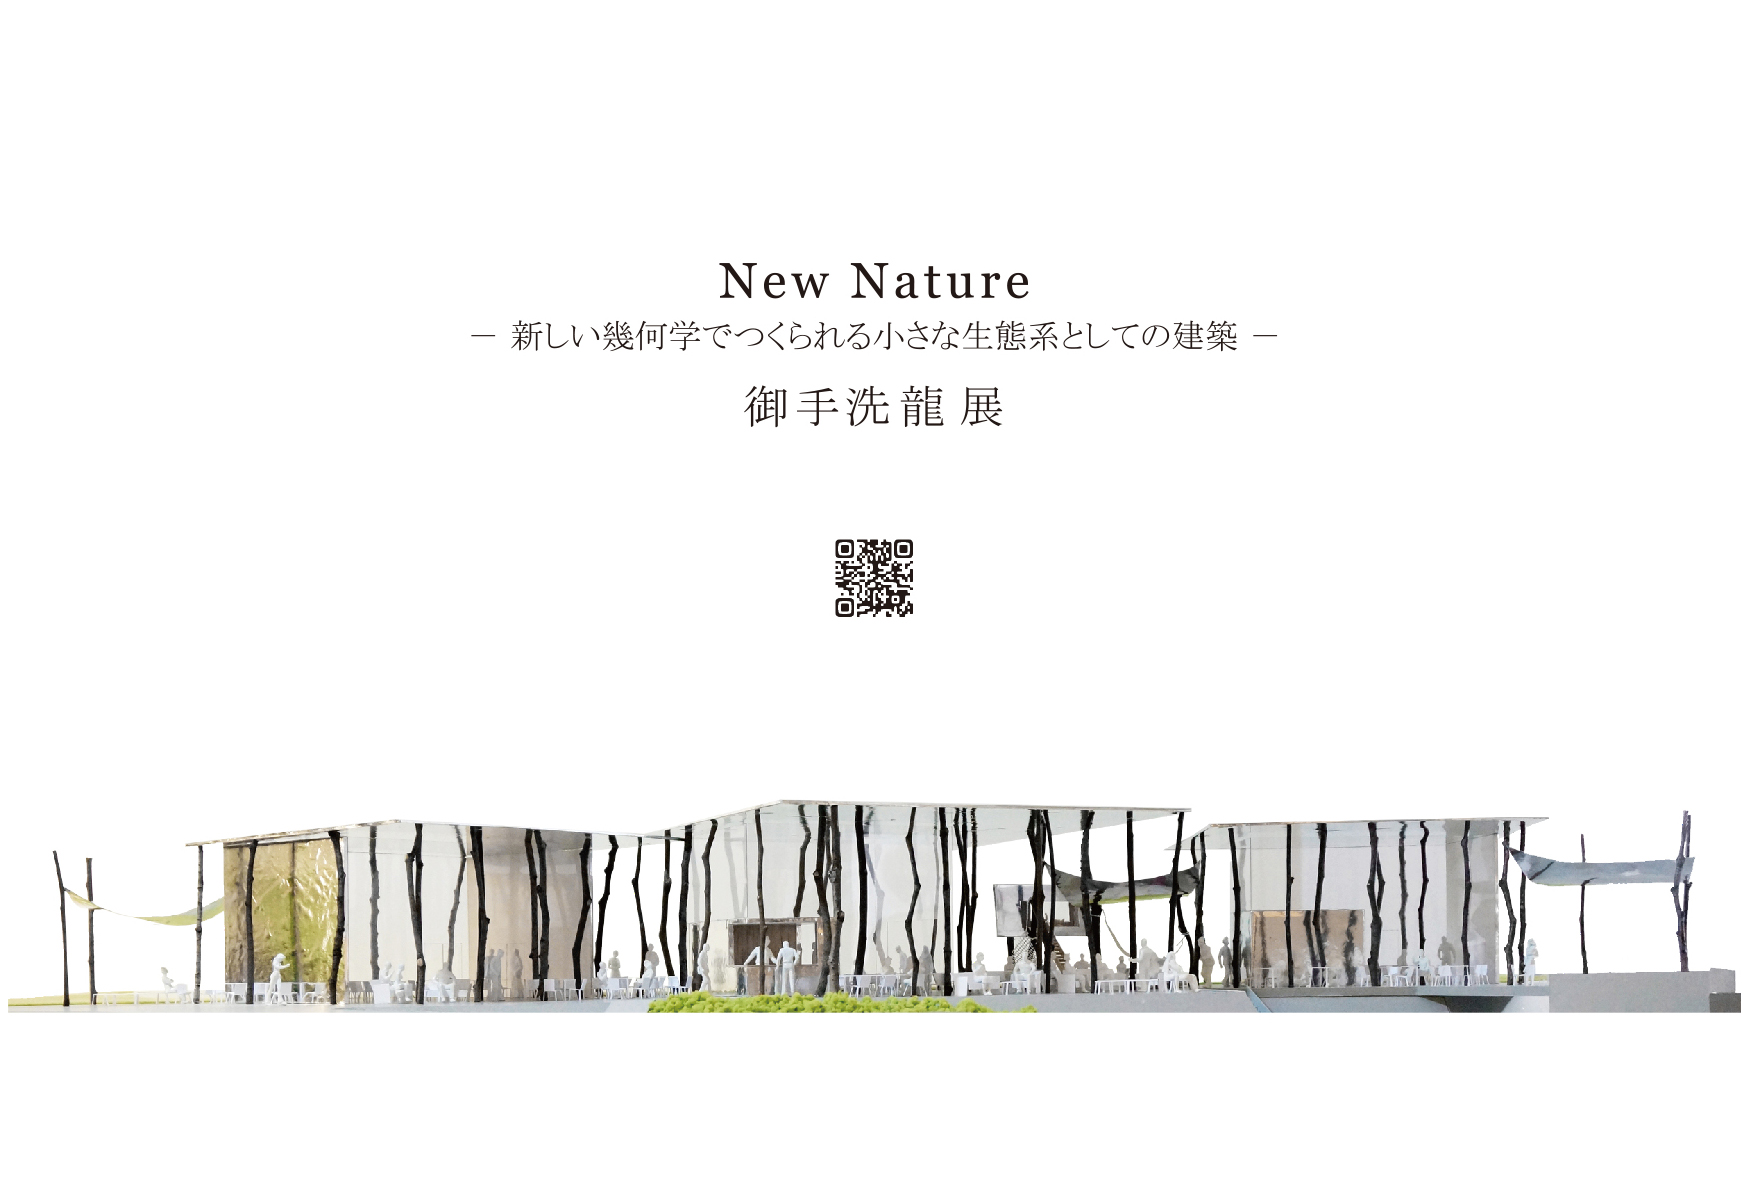 NewNature-01.jpg